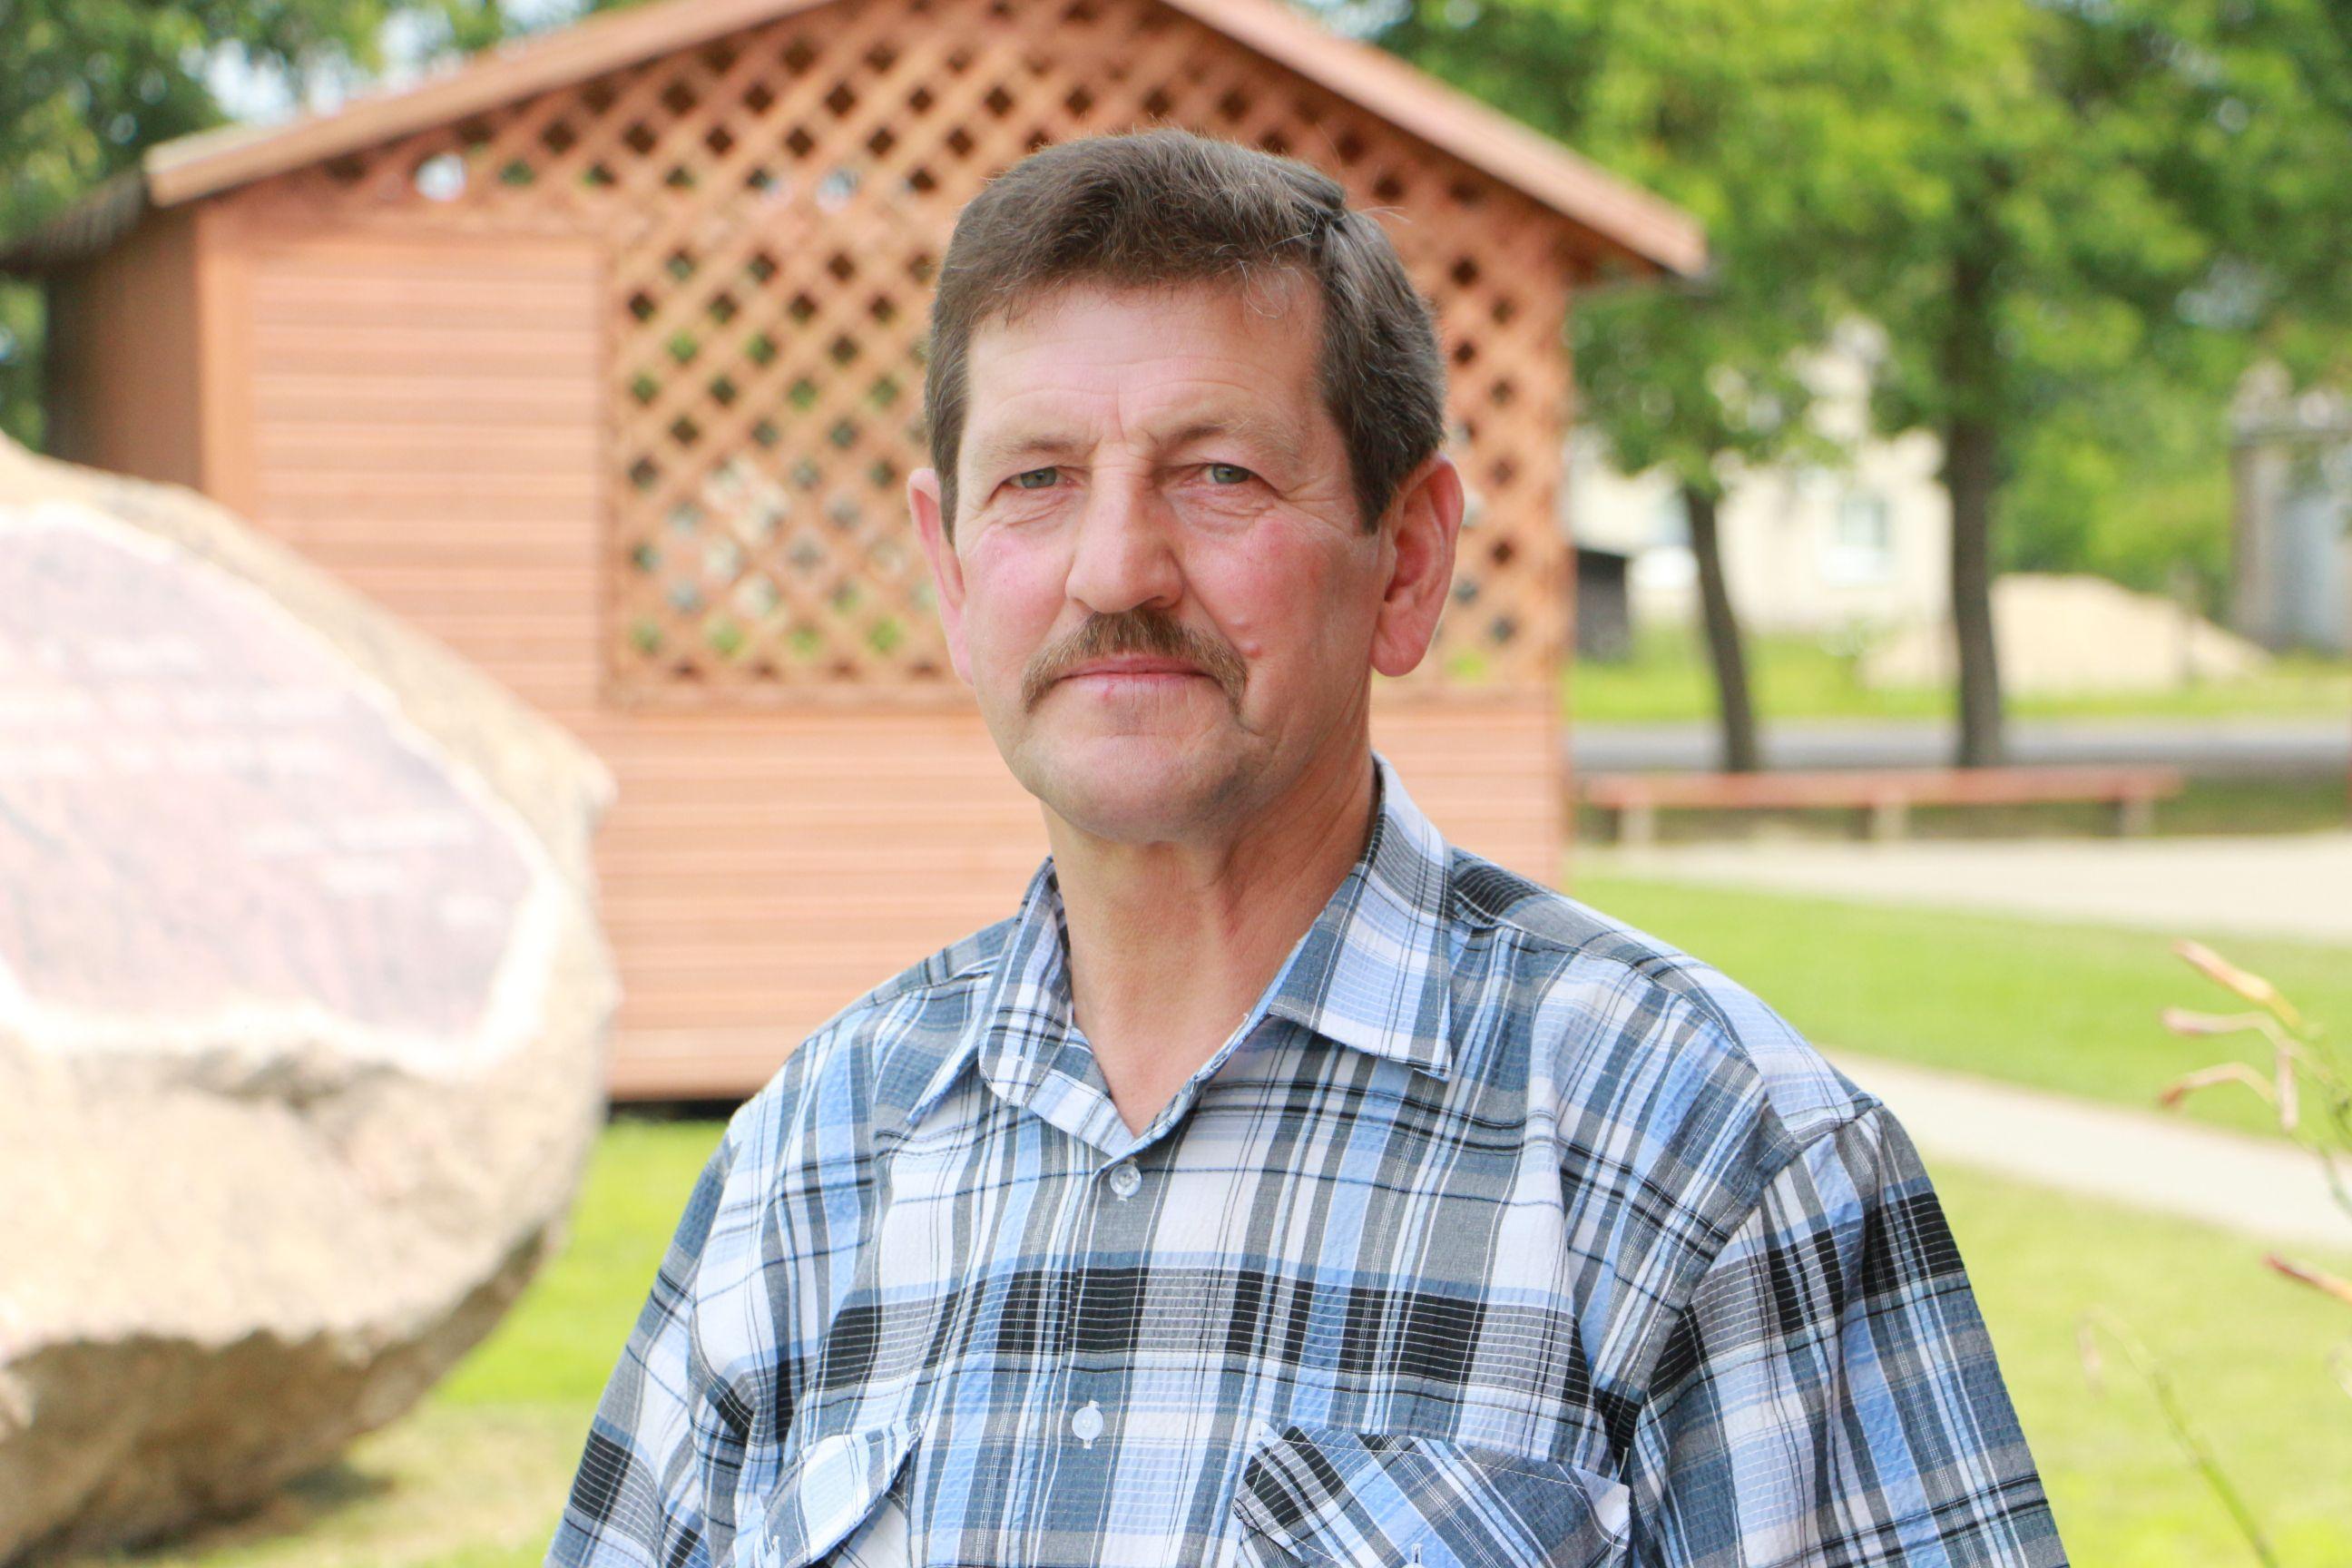 Kad Langakių kaimo gyvenimas įgautų naują kvėpavimą, 2009 metais buvo įkurta bendruomenė. Šį procesą paskatino iniciatorius Langakių kaimo bendruomenės pirmininkas Antanas Čepliauskas. D. Borodinaitės nuotr.